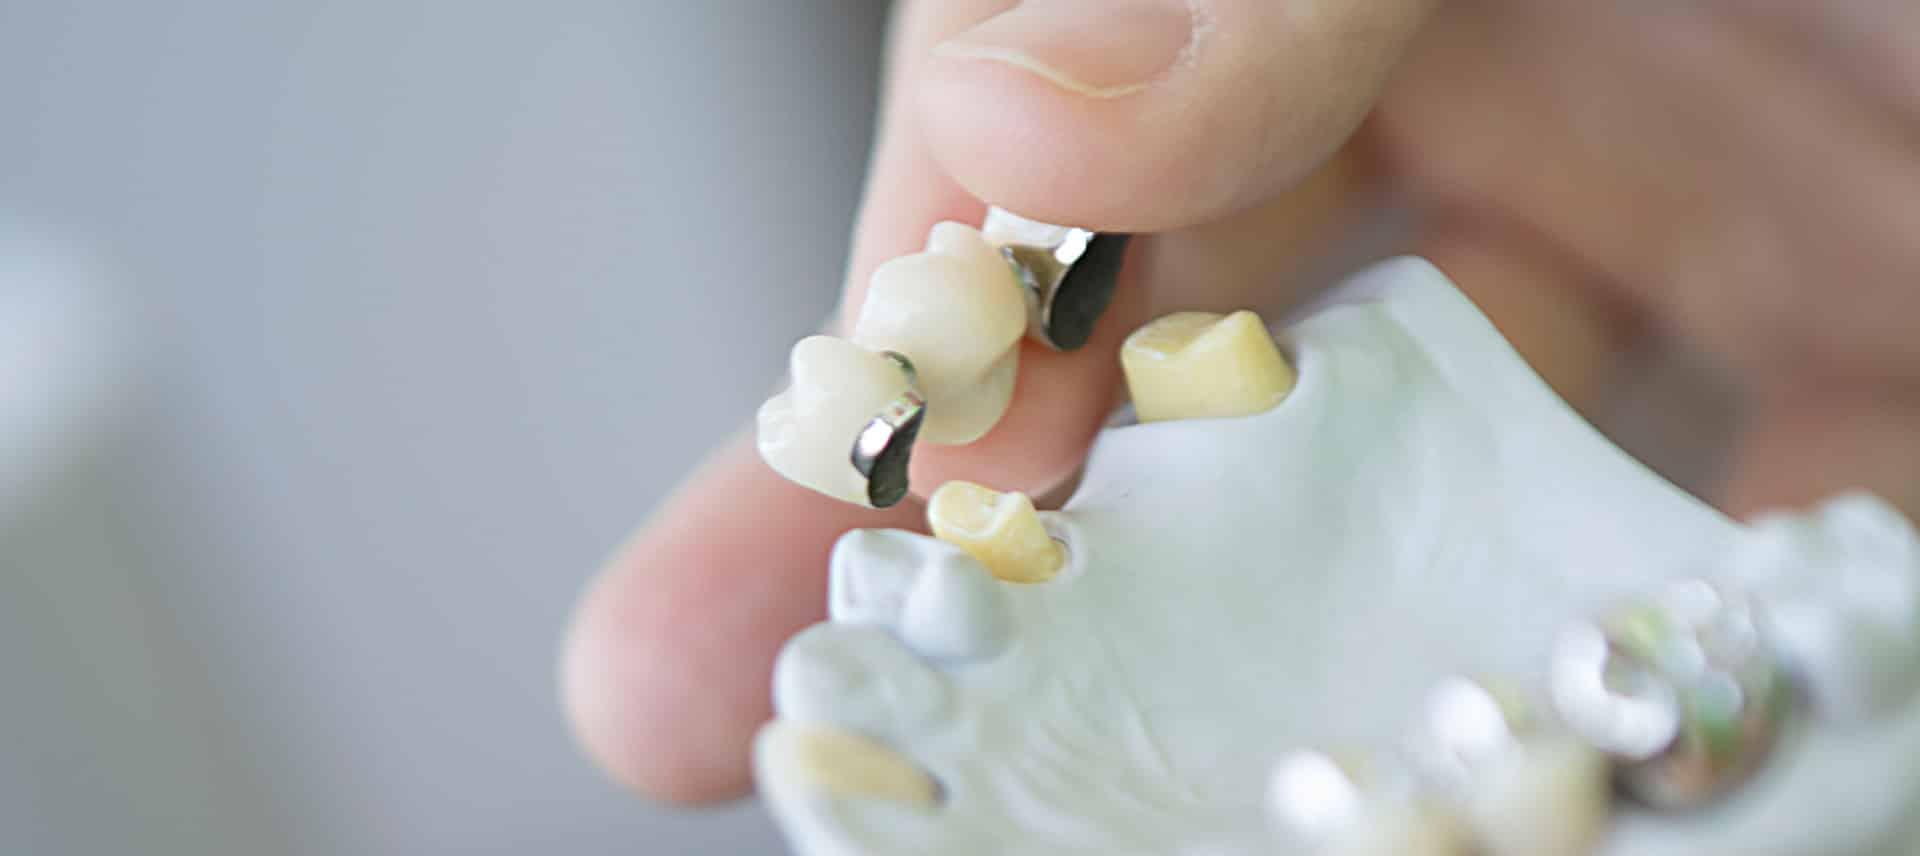 ZZZW Zahnprothesen - Herausnehmbarer Zahnersatz für vielfältigste Anforderungen.